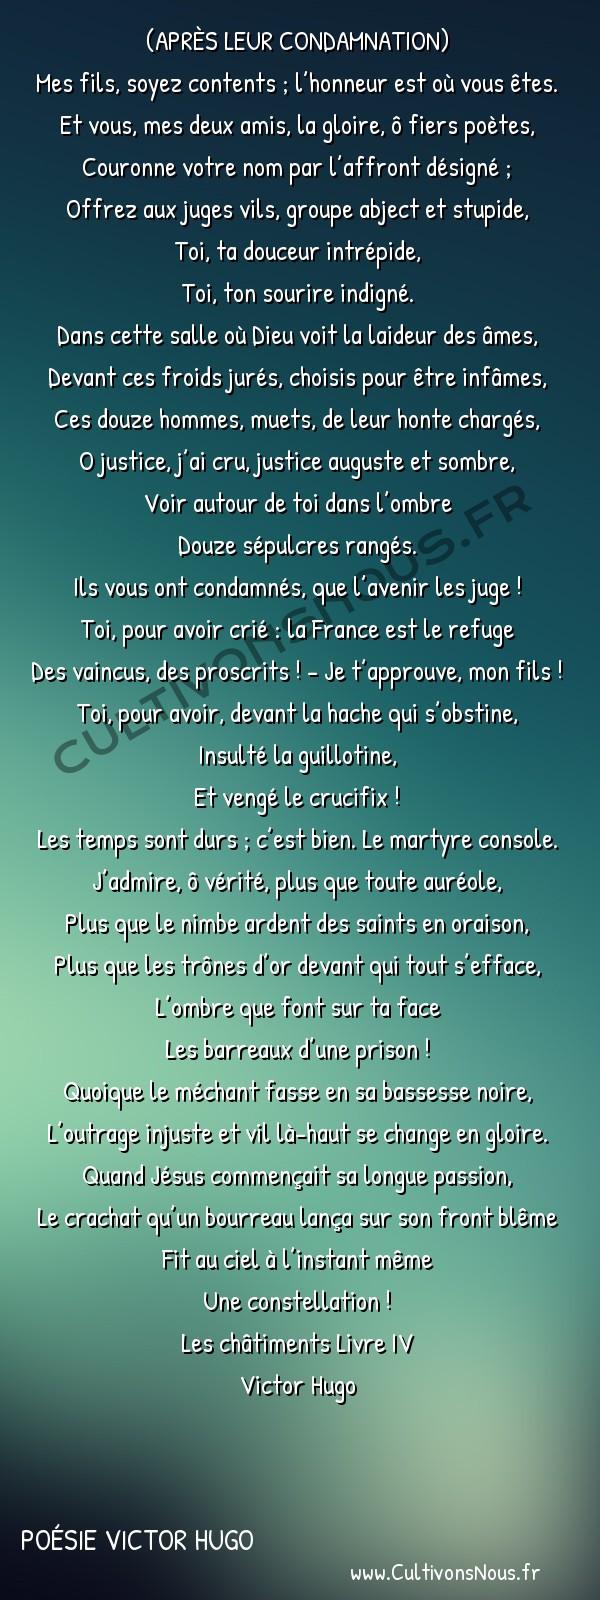 Poésie Victor Hugo - Les châtiments Livre IV - A quatre prisonniers -  (APRÈS LEUR CONDAMNATION) Mes fils, soyez contents ; l'honneur est où vous êtes.